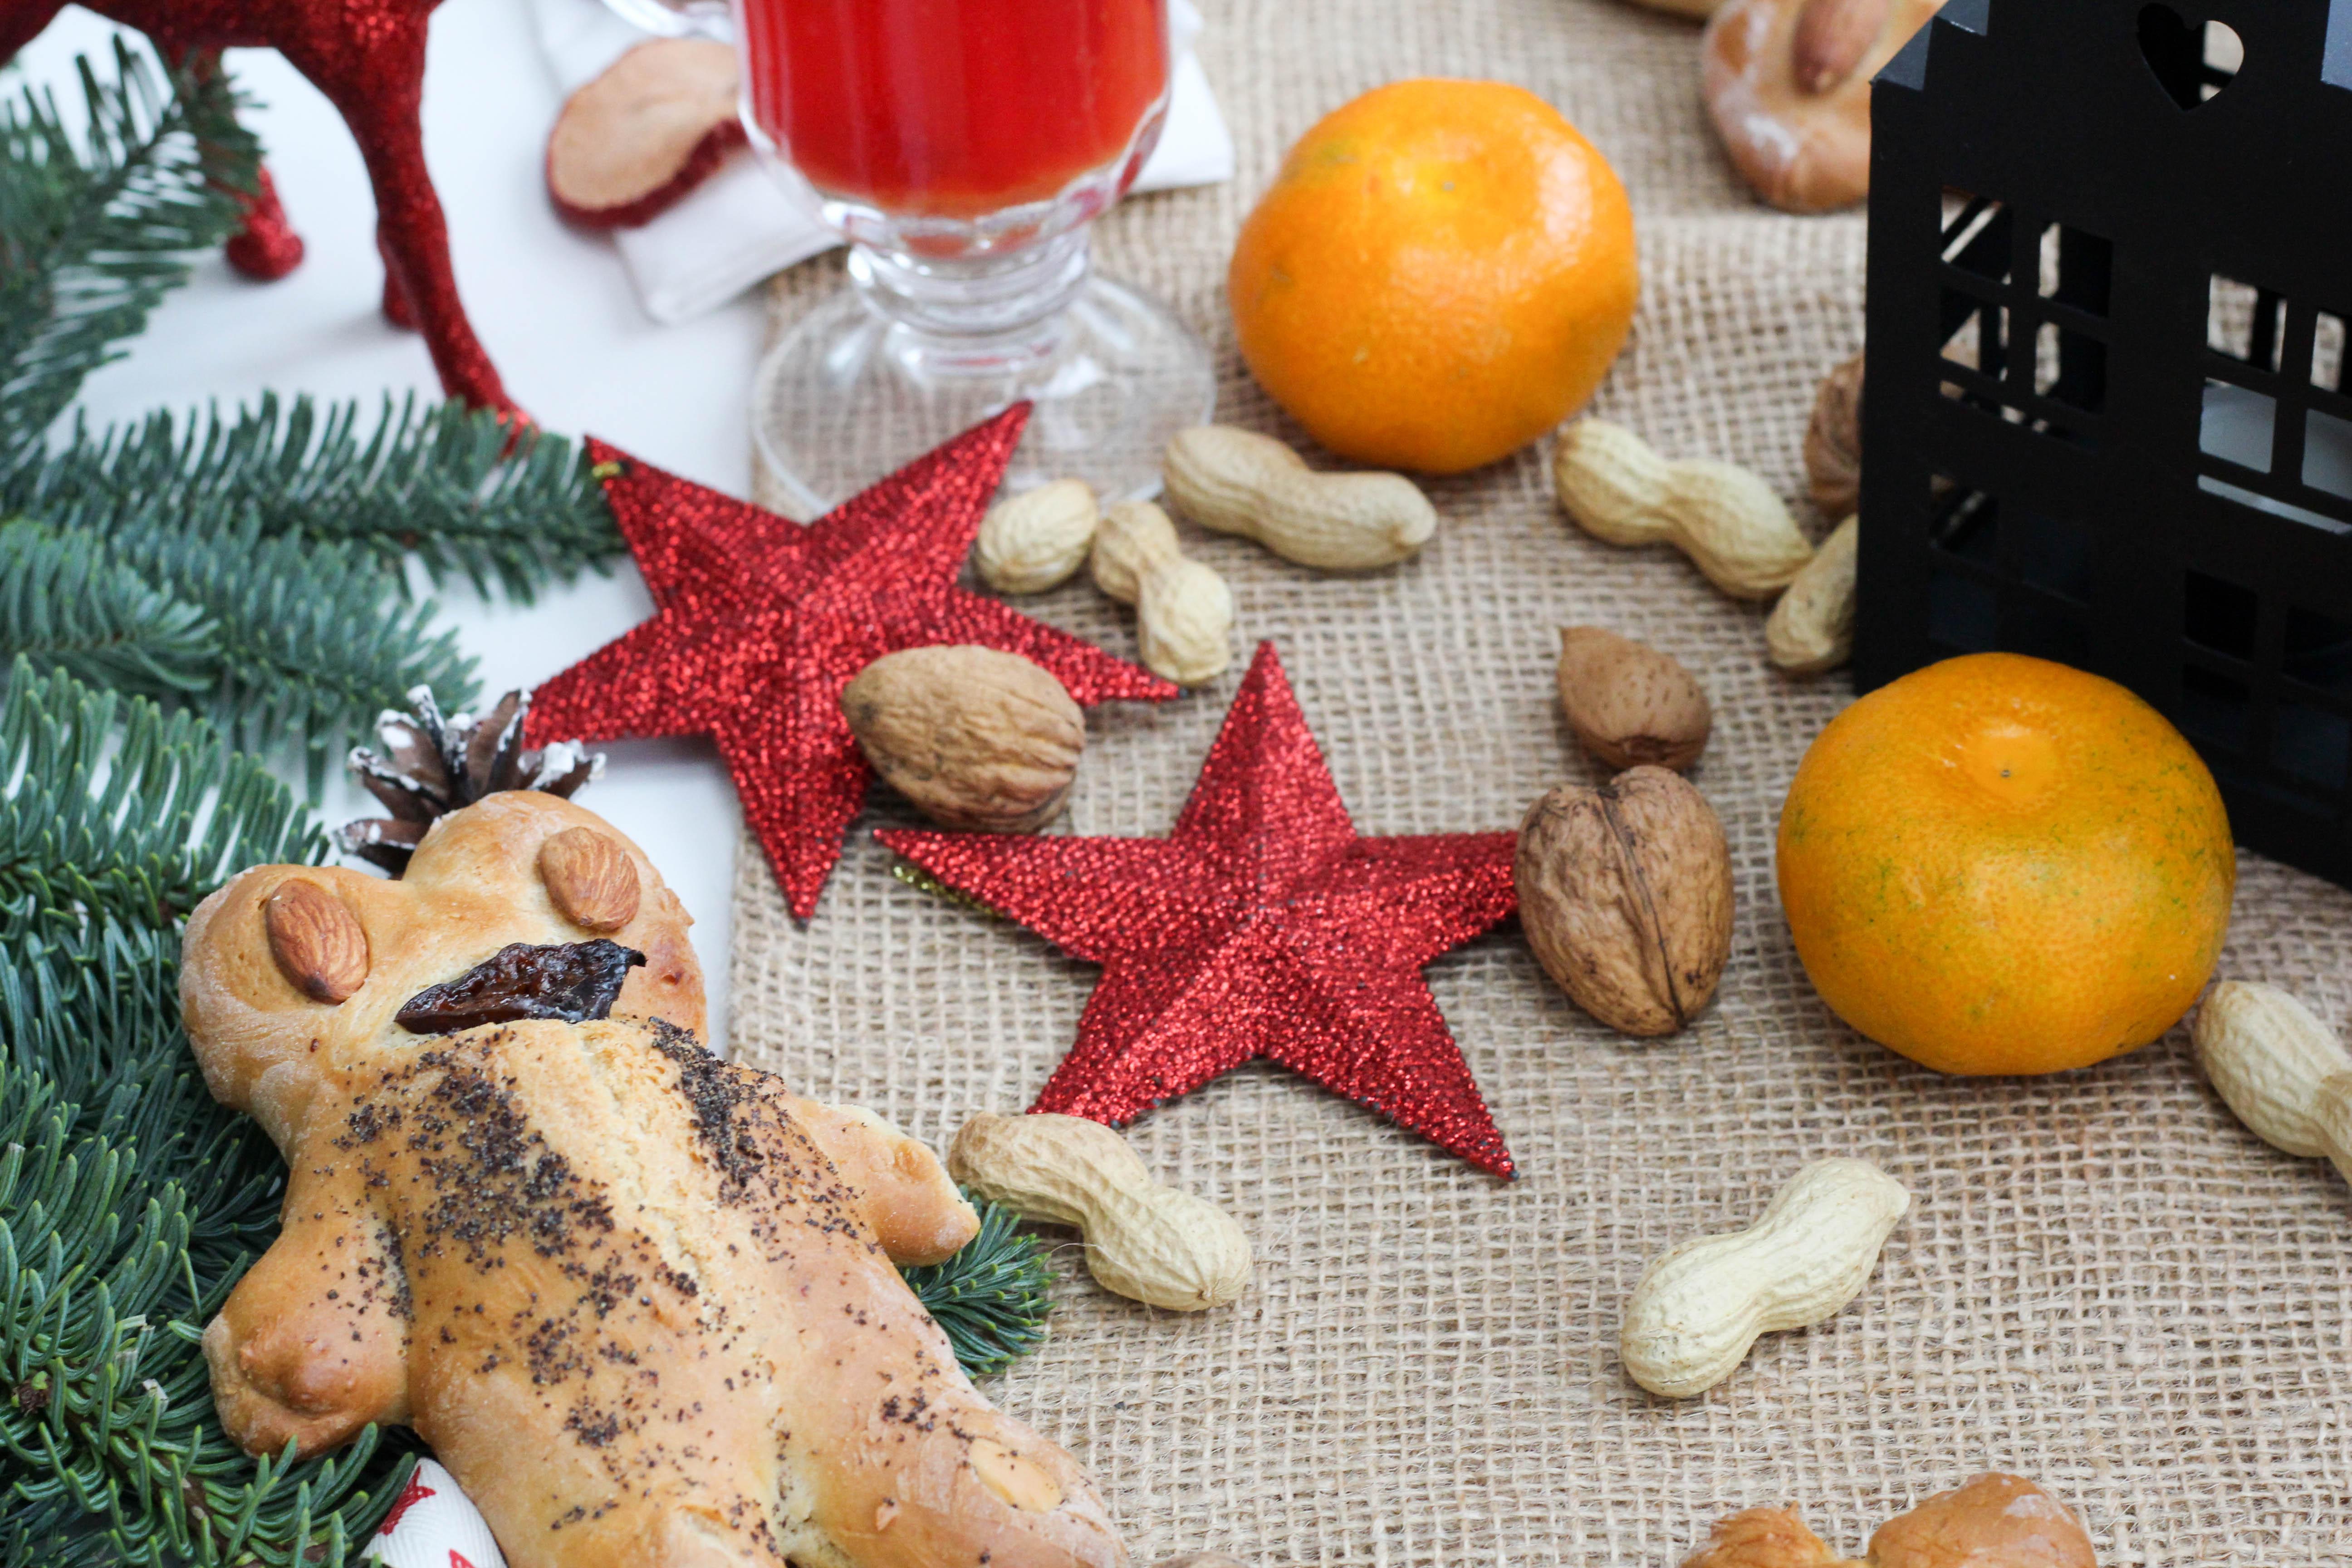 vegan-nikolaus-krampus-weihnachten-bratapfel-germteig-perchten-nuesse-christmas-soulfood-homespa-plantbased-33-von-35